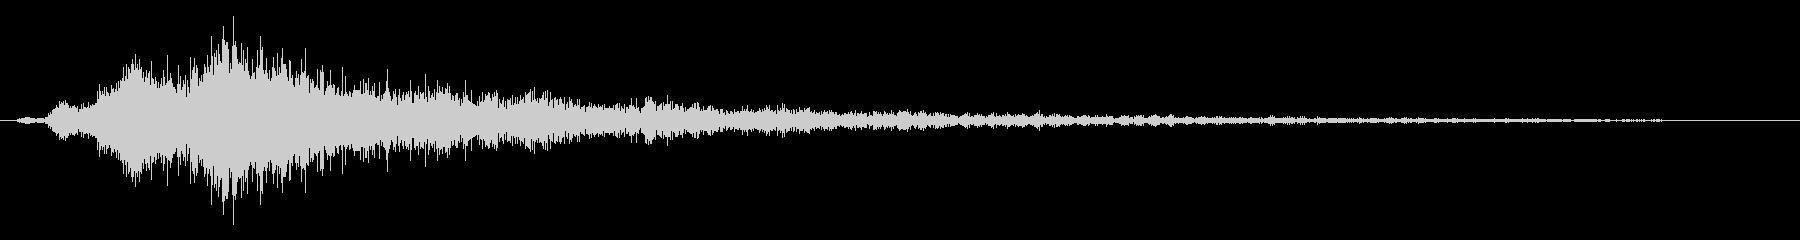 打撃 カテドラルノイズドロップ02の未再生の波形